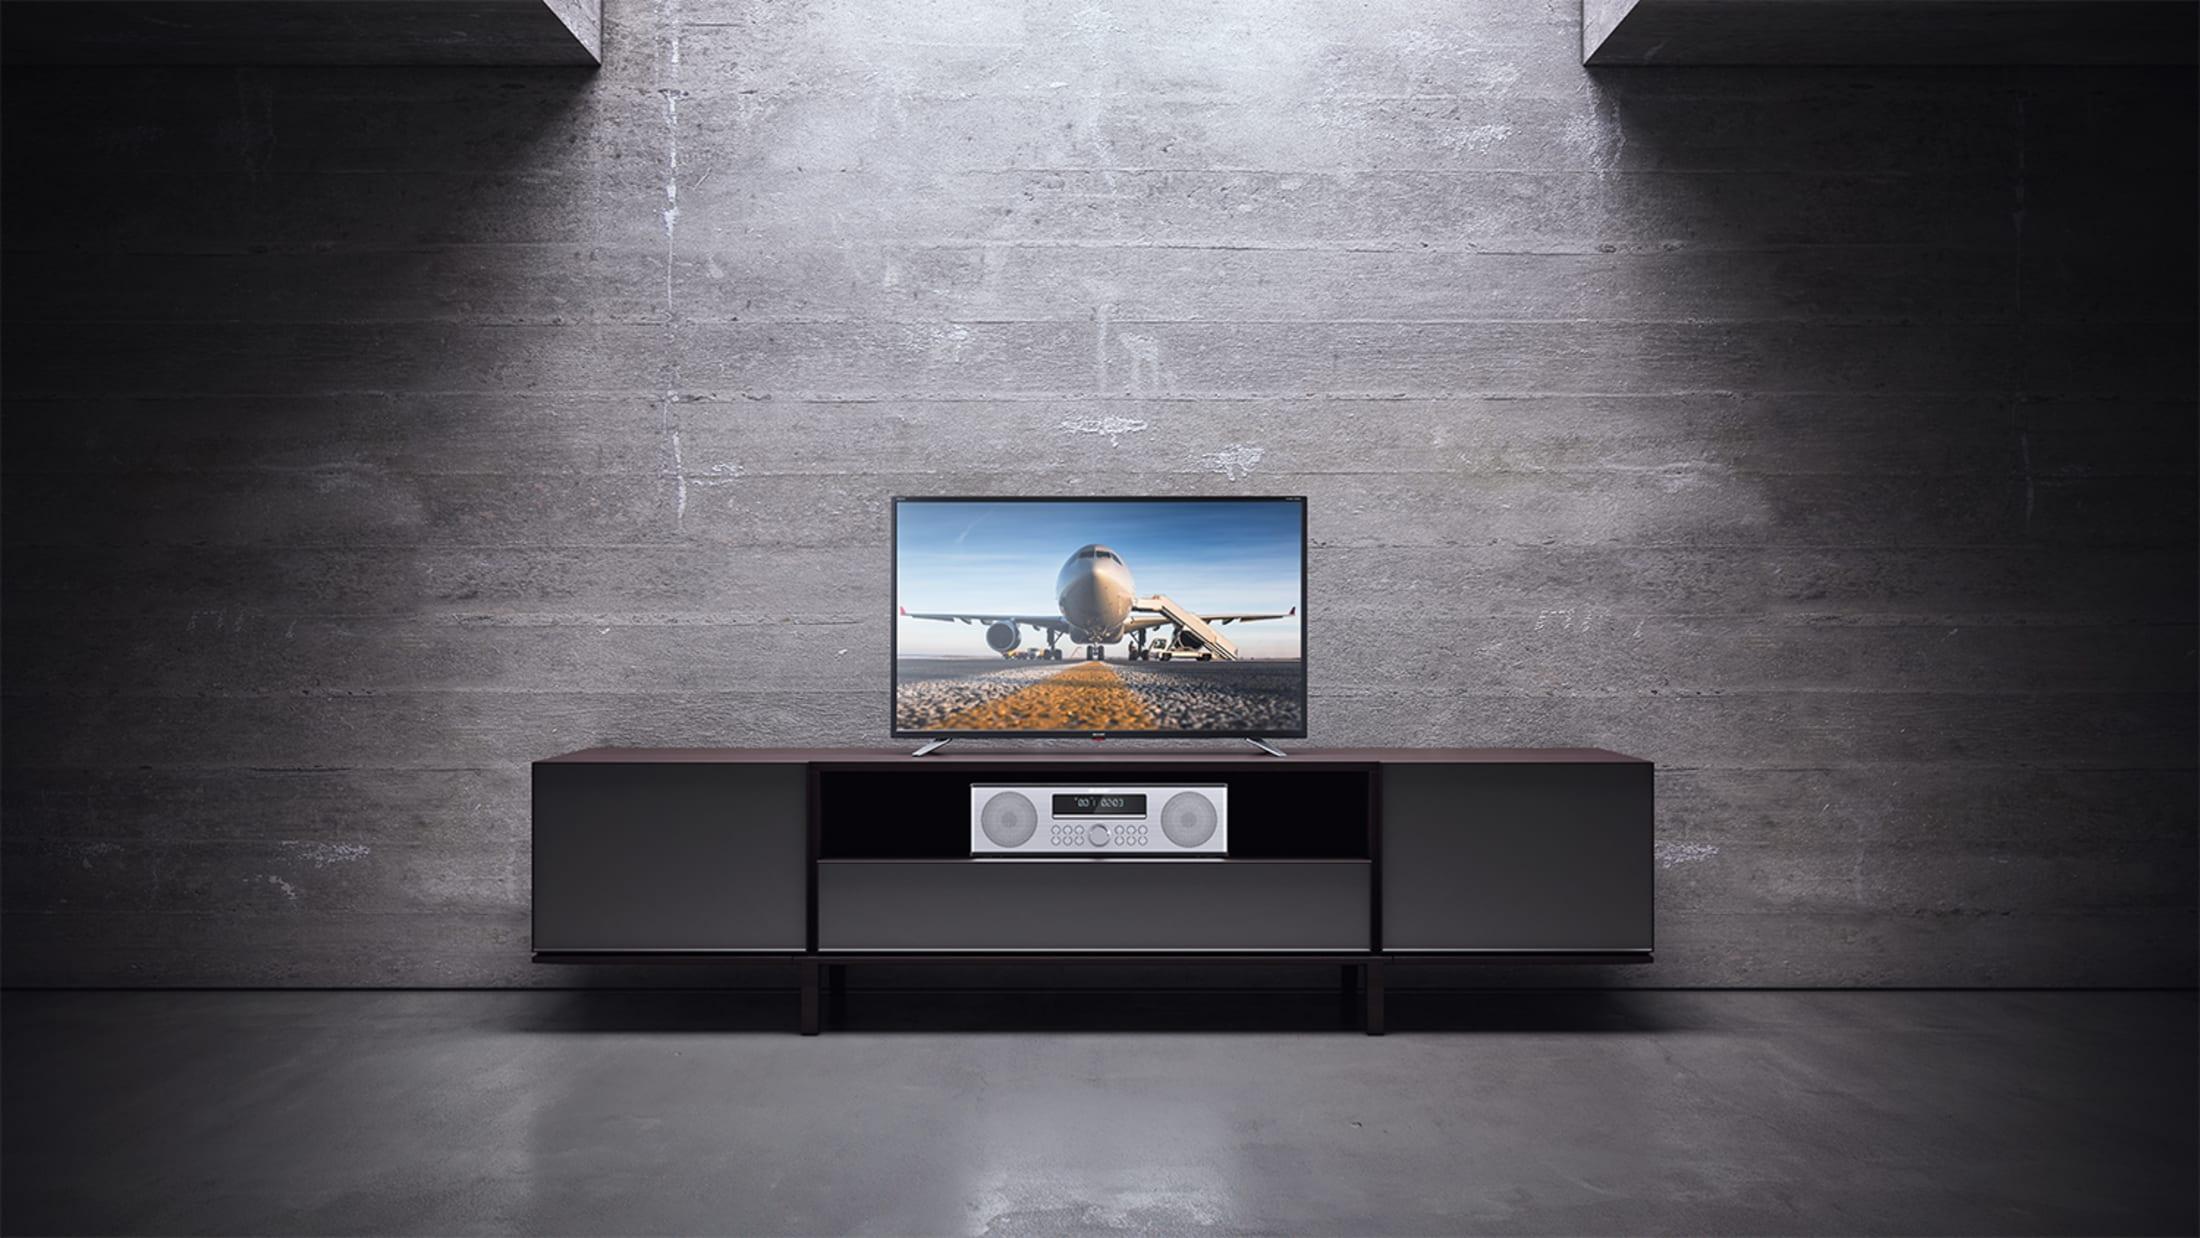 Stereofoniczny system nagłośnienia All-in-One, 90 W, zdobywca nagrody reddot design award 2018, z bezprzewodowym strumieniowaniem muzyki przez Bluetooth, Odtwarzacz CD, Tuner DAB/DAB+/FM i pilot.